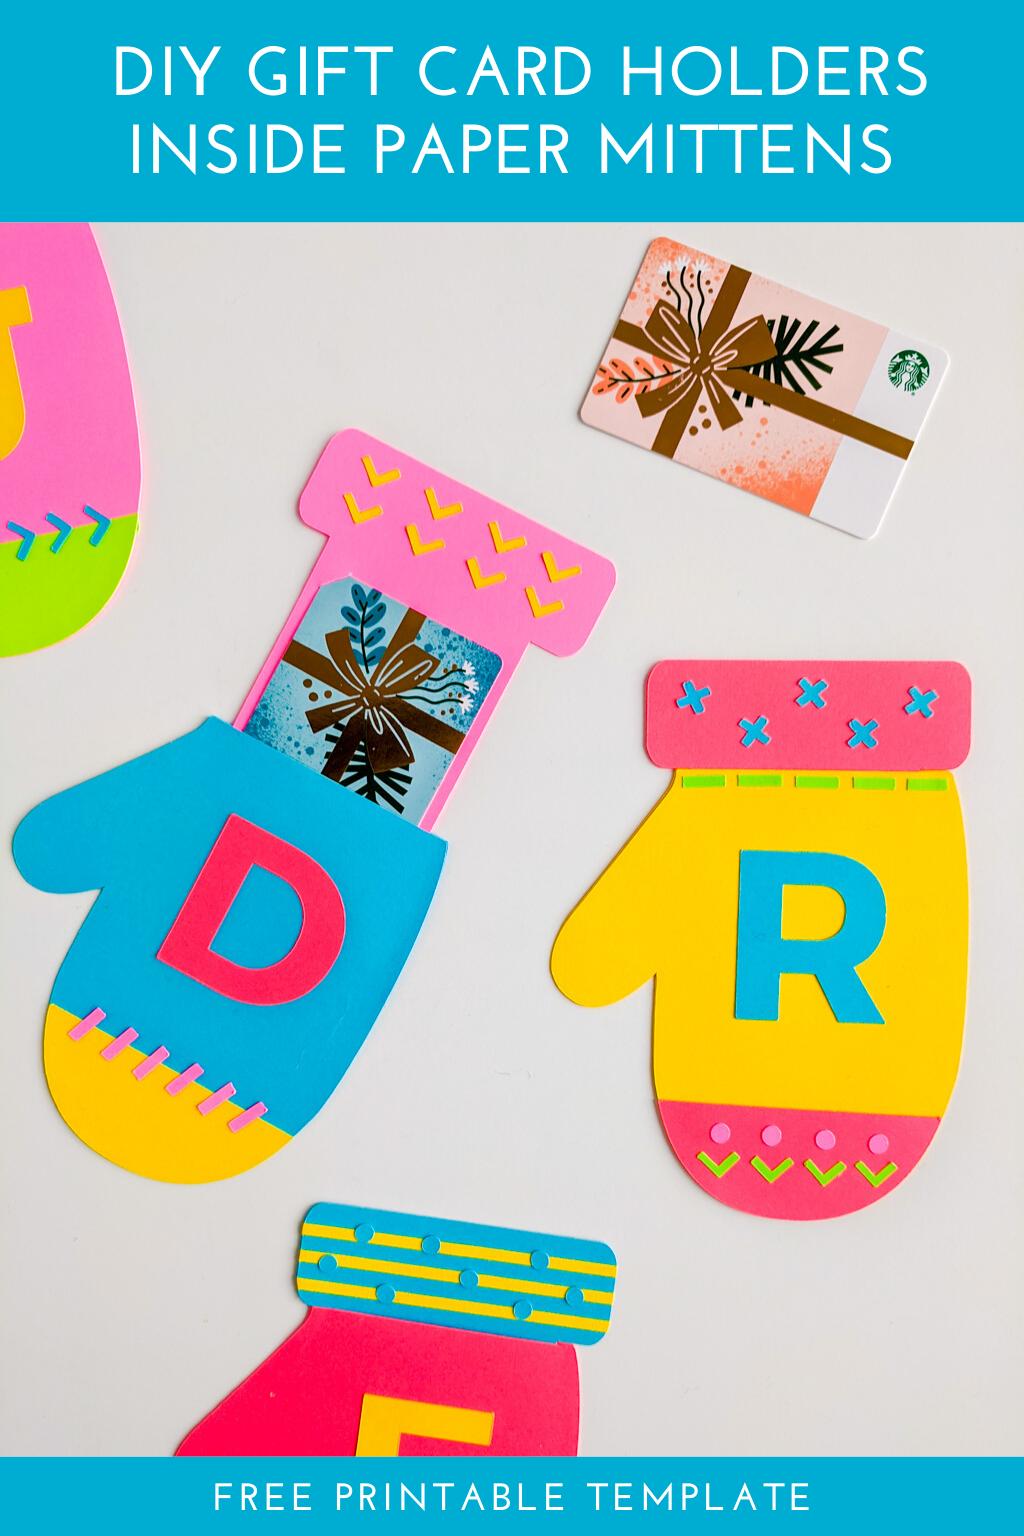 Diy Christmas Gift Card Holder Printable Mittens Template Gift Card Holder Template Christmas Gift Card Holders Gift Card Holder